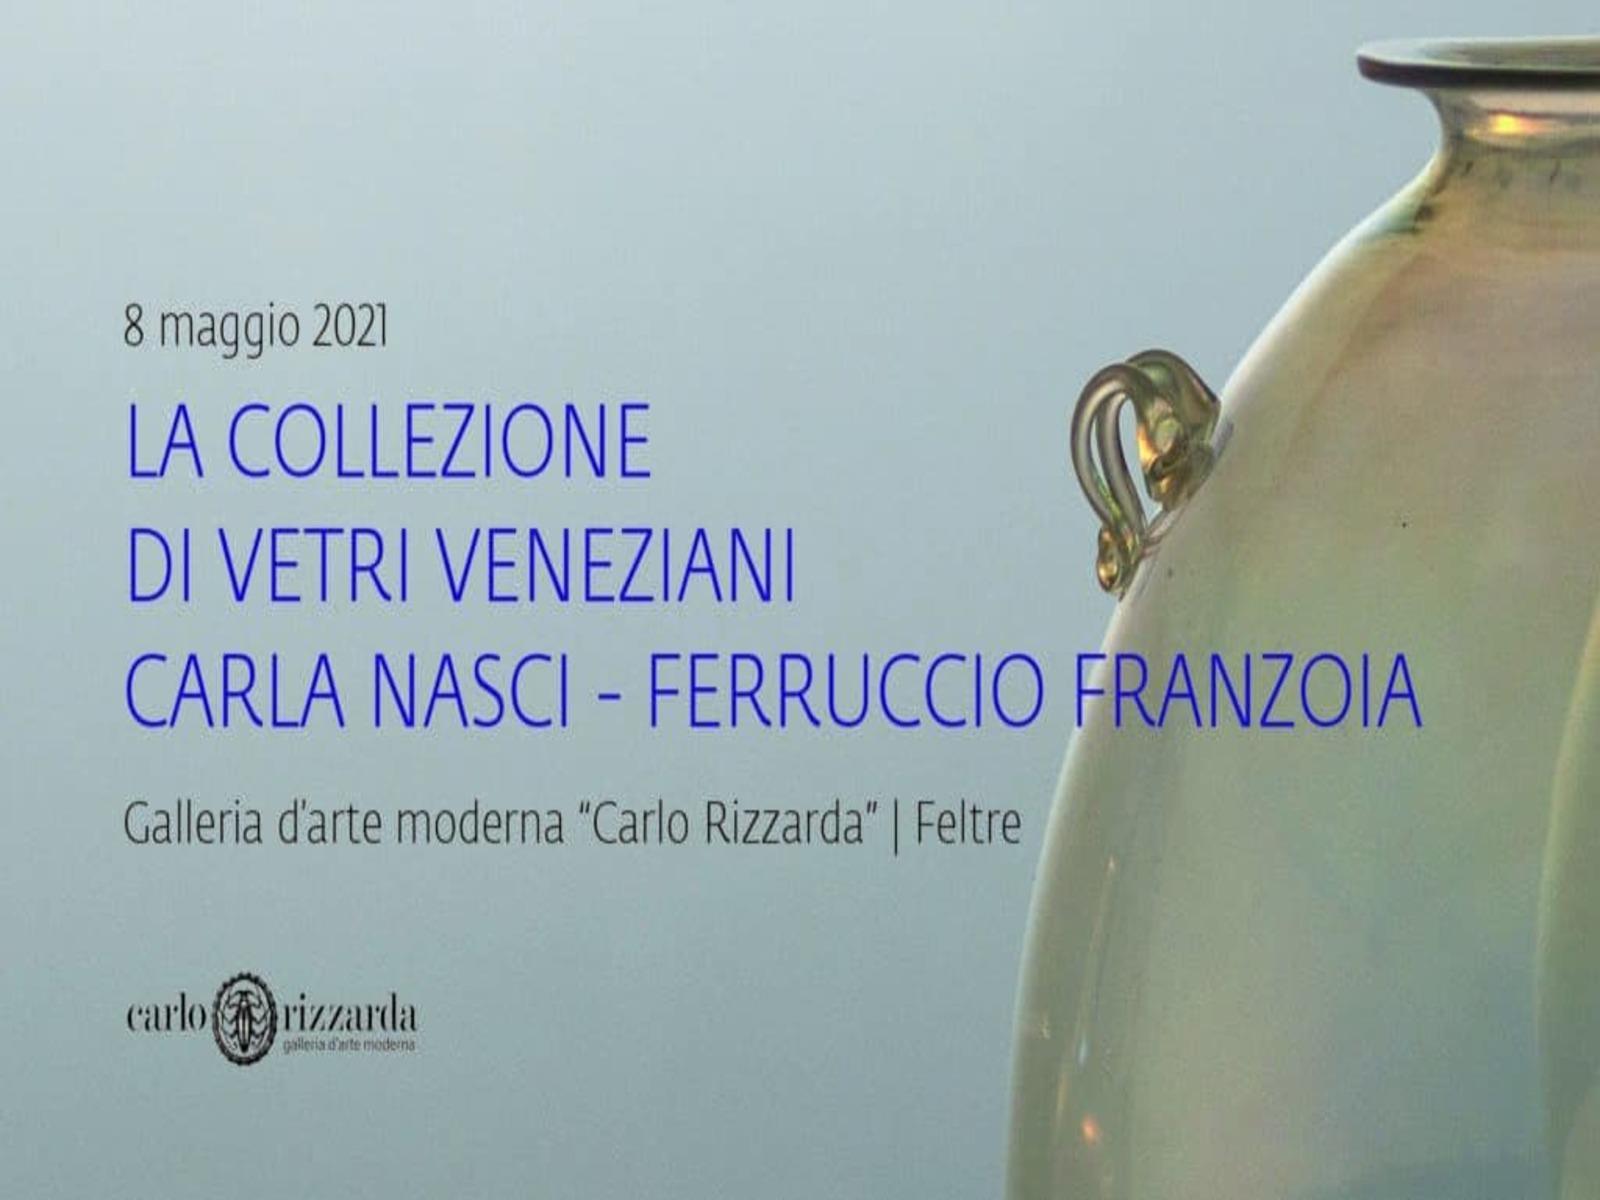 Collezione vetri Nasci Franzoia 1 von 1